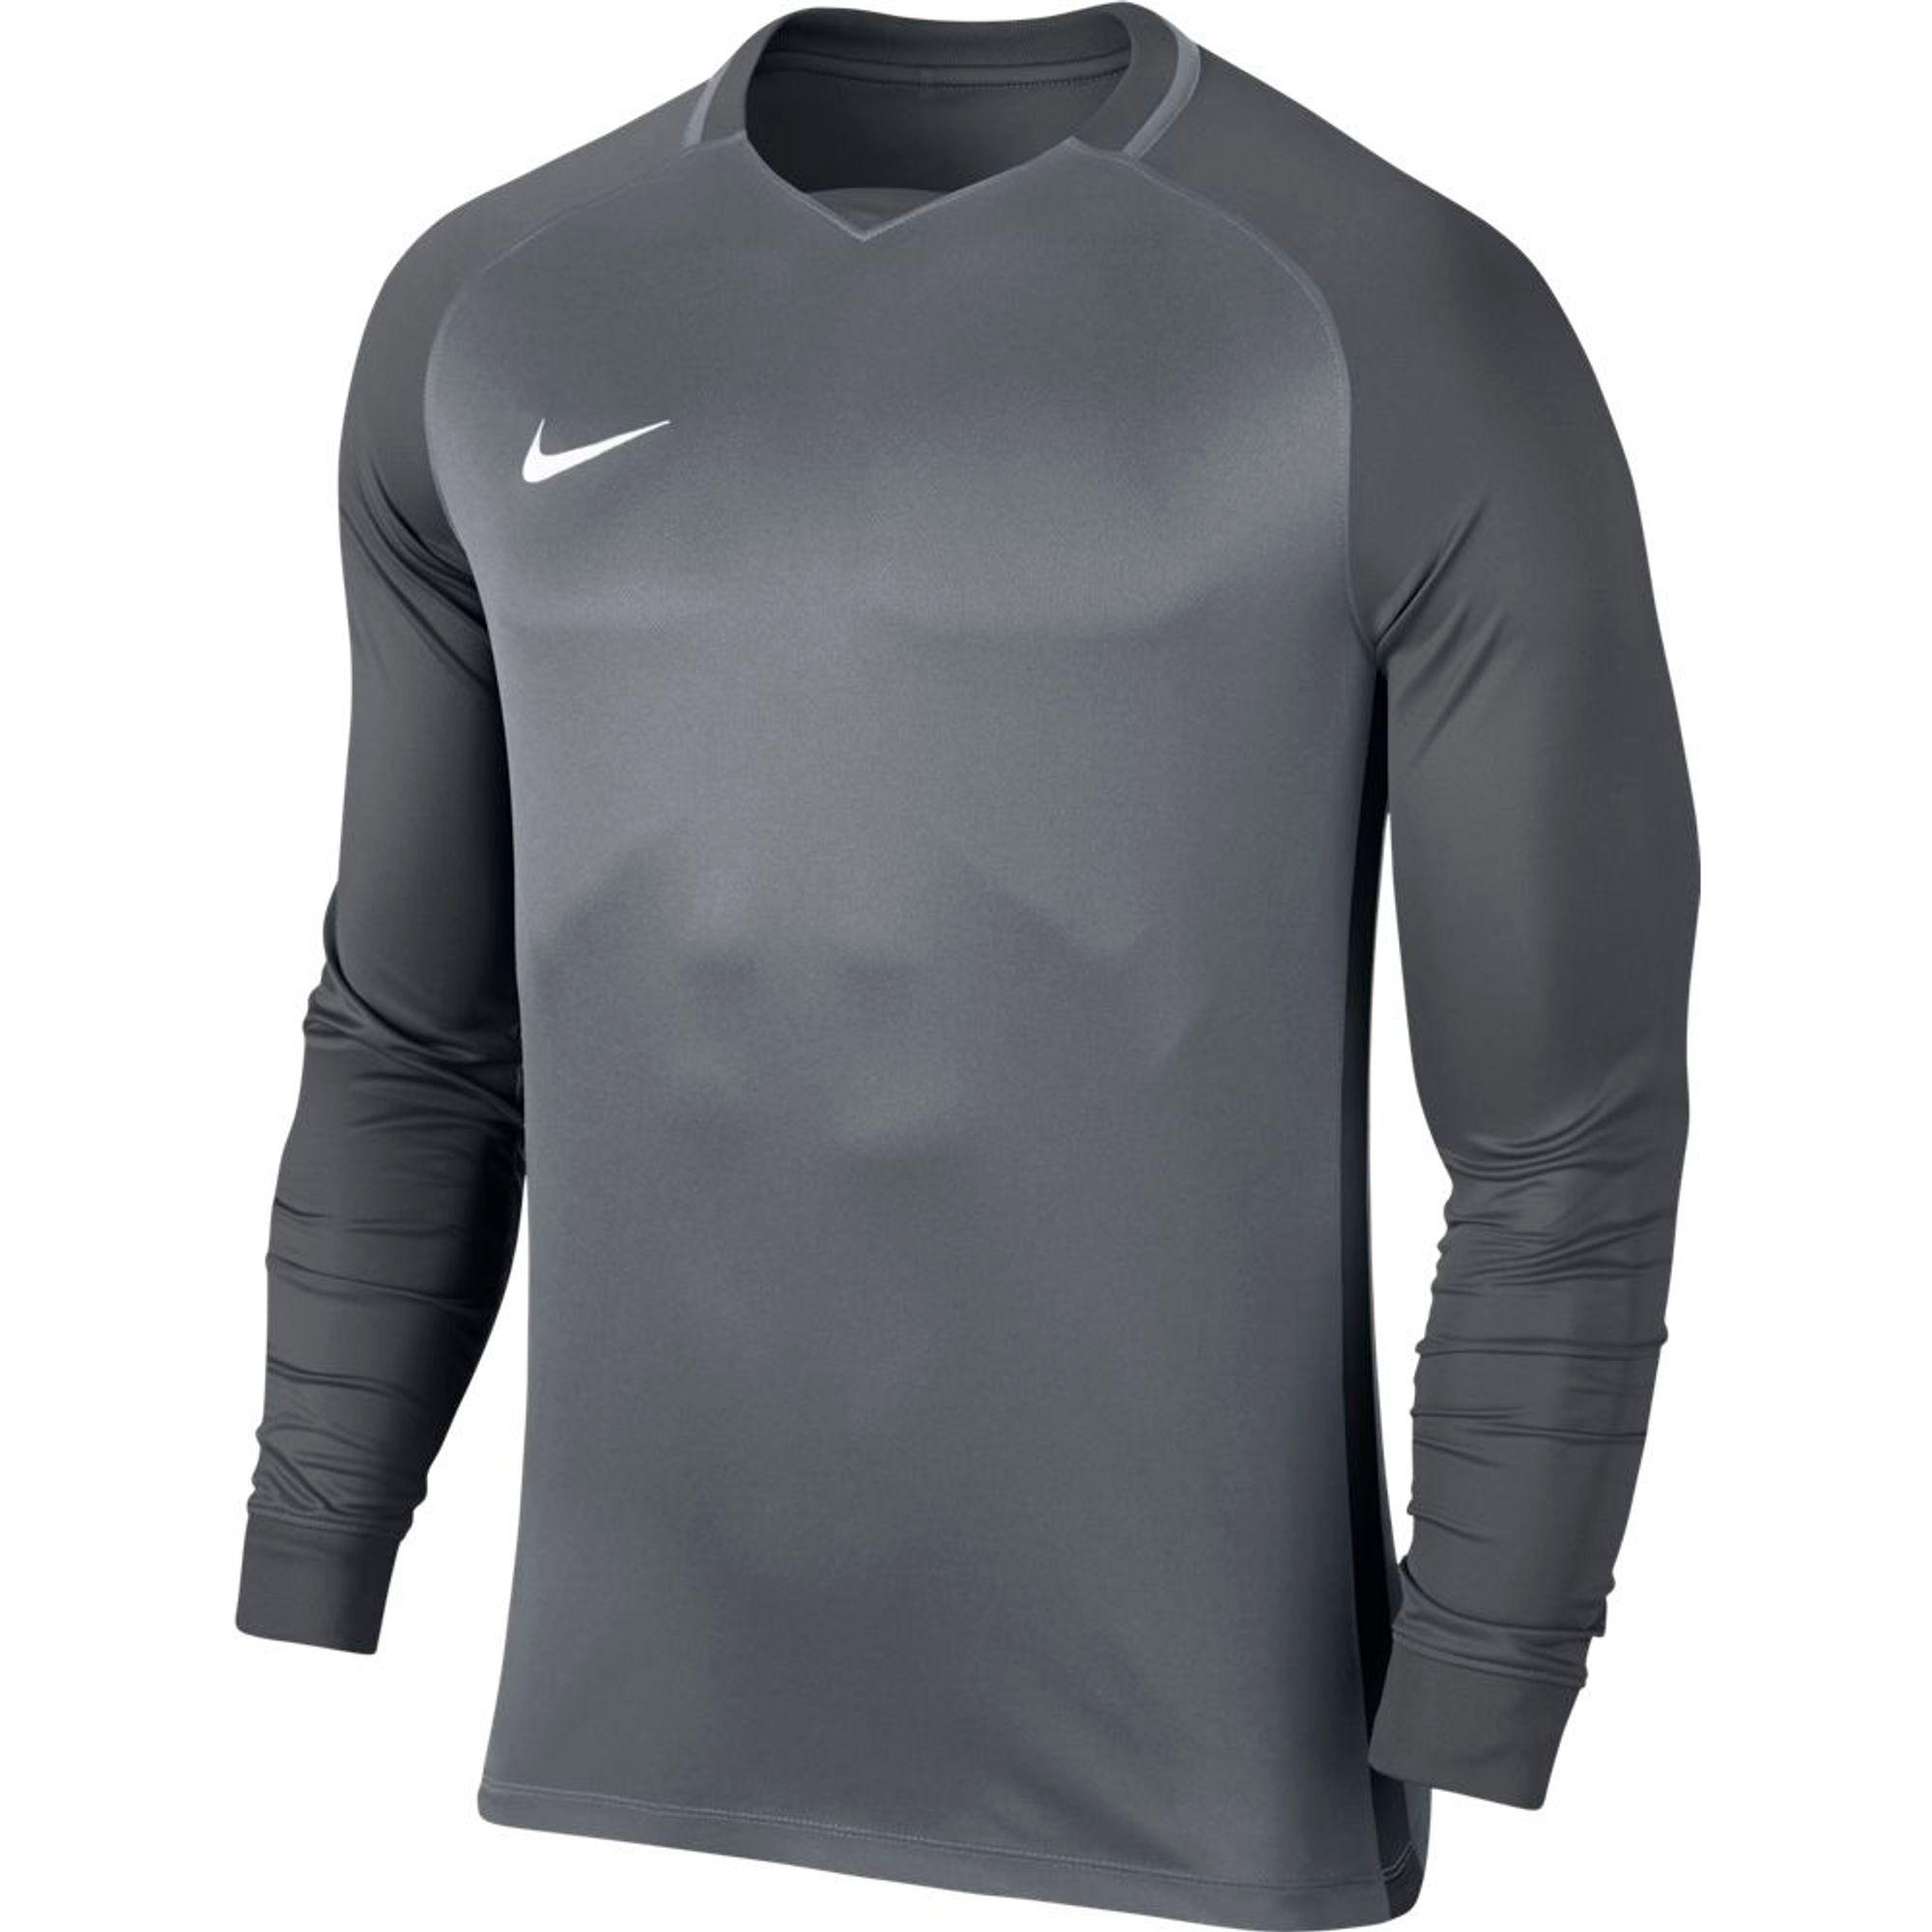 Nike M Nk Dry Trophy Iii Jsy Ls - cool grey/dark grey/dark grey/